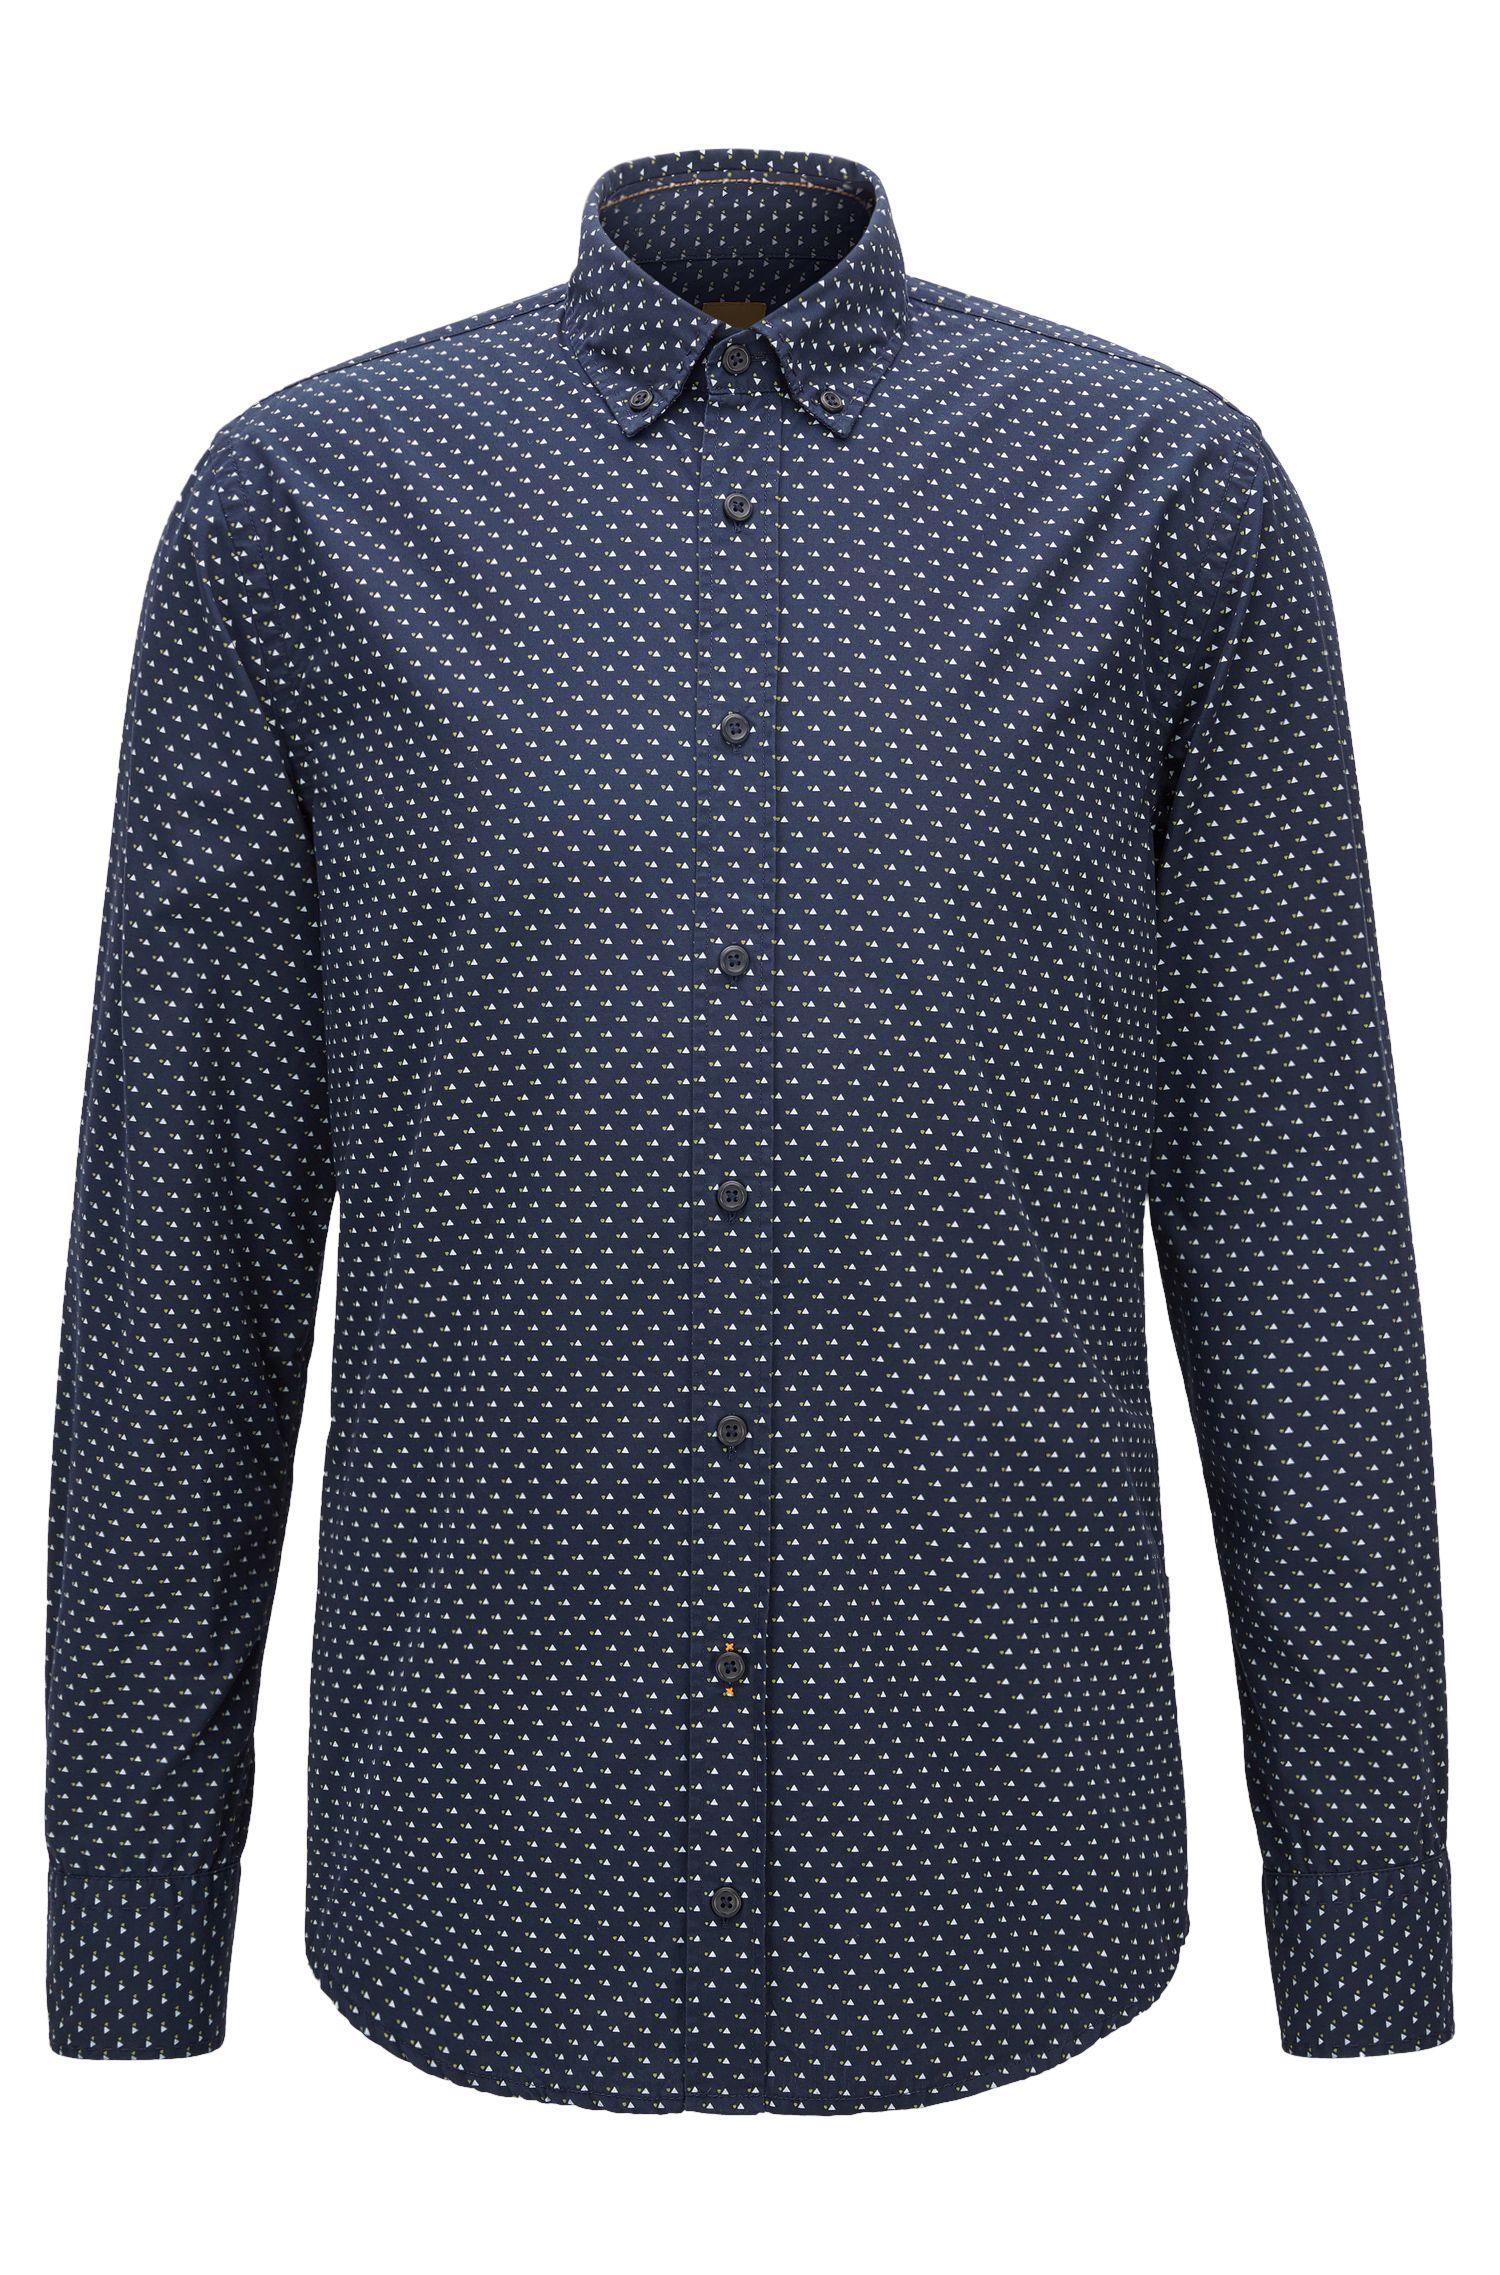 Camisa slim fit de algodón con microestampado